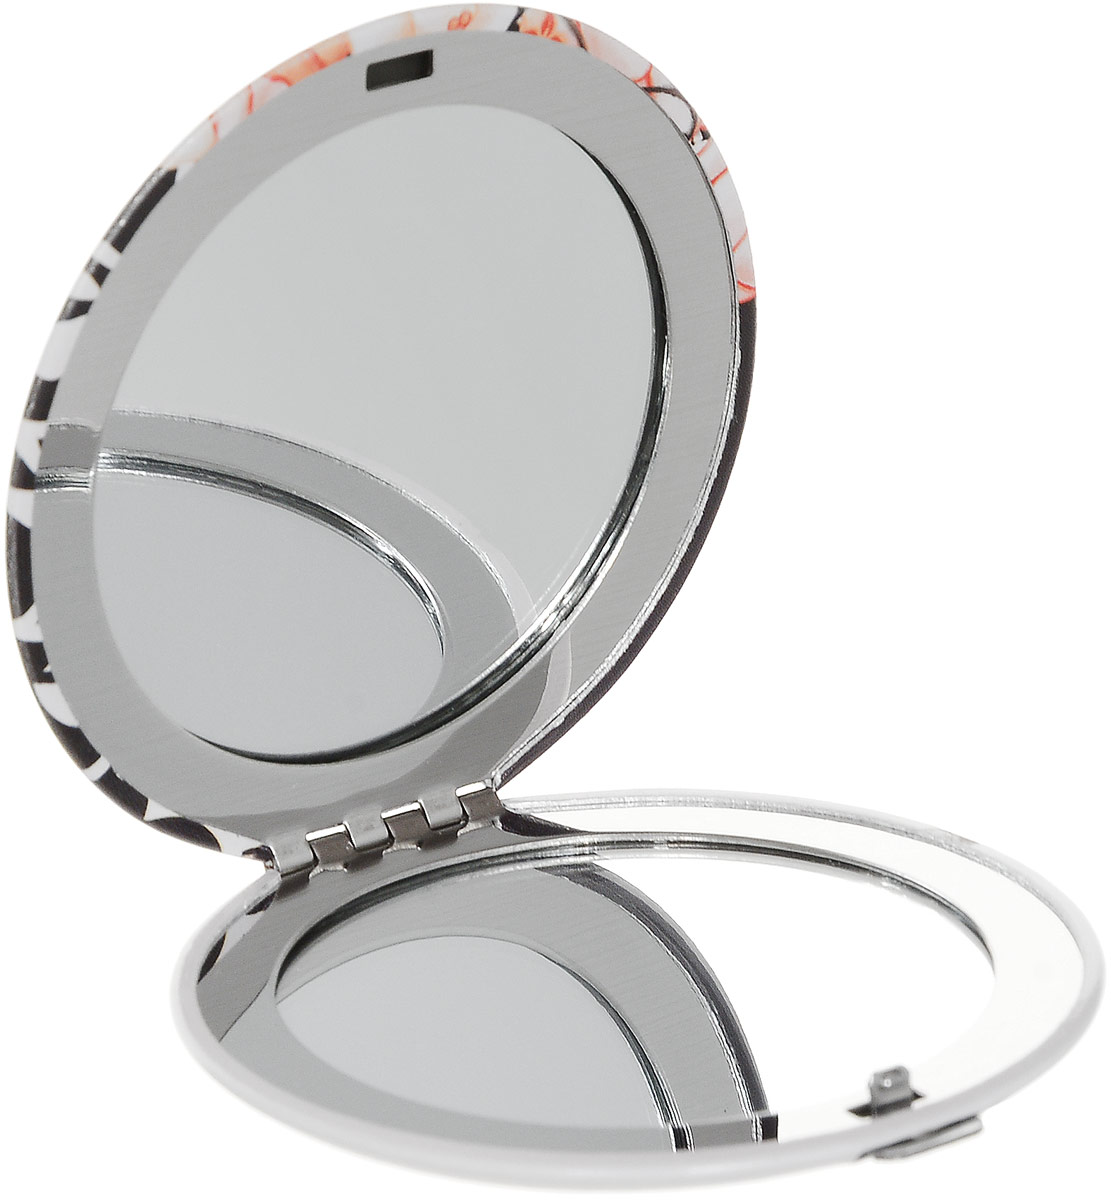 Зеркало карманное Kimmidoll Кайо. KF111928032022Изящное зеркало Kimmidoll Кайо выполнено в круглом металлическом корпусе и декорировано ярким изображением. Внутри корпуса расположено два зеркальца - обычное и увеличивающее.Такое зеркало станет отличным подарком представительнице прекрасного пола, ведь даже самая маленькая дамская сумочка обязательно вместит в себя миниатюрное зеркальце - атрибут каждой модницы.